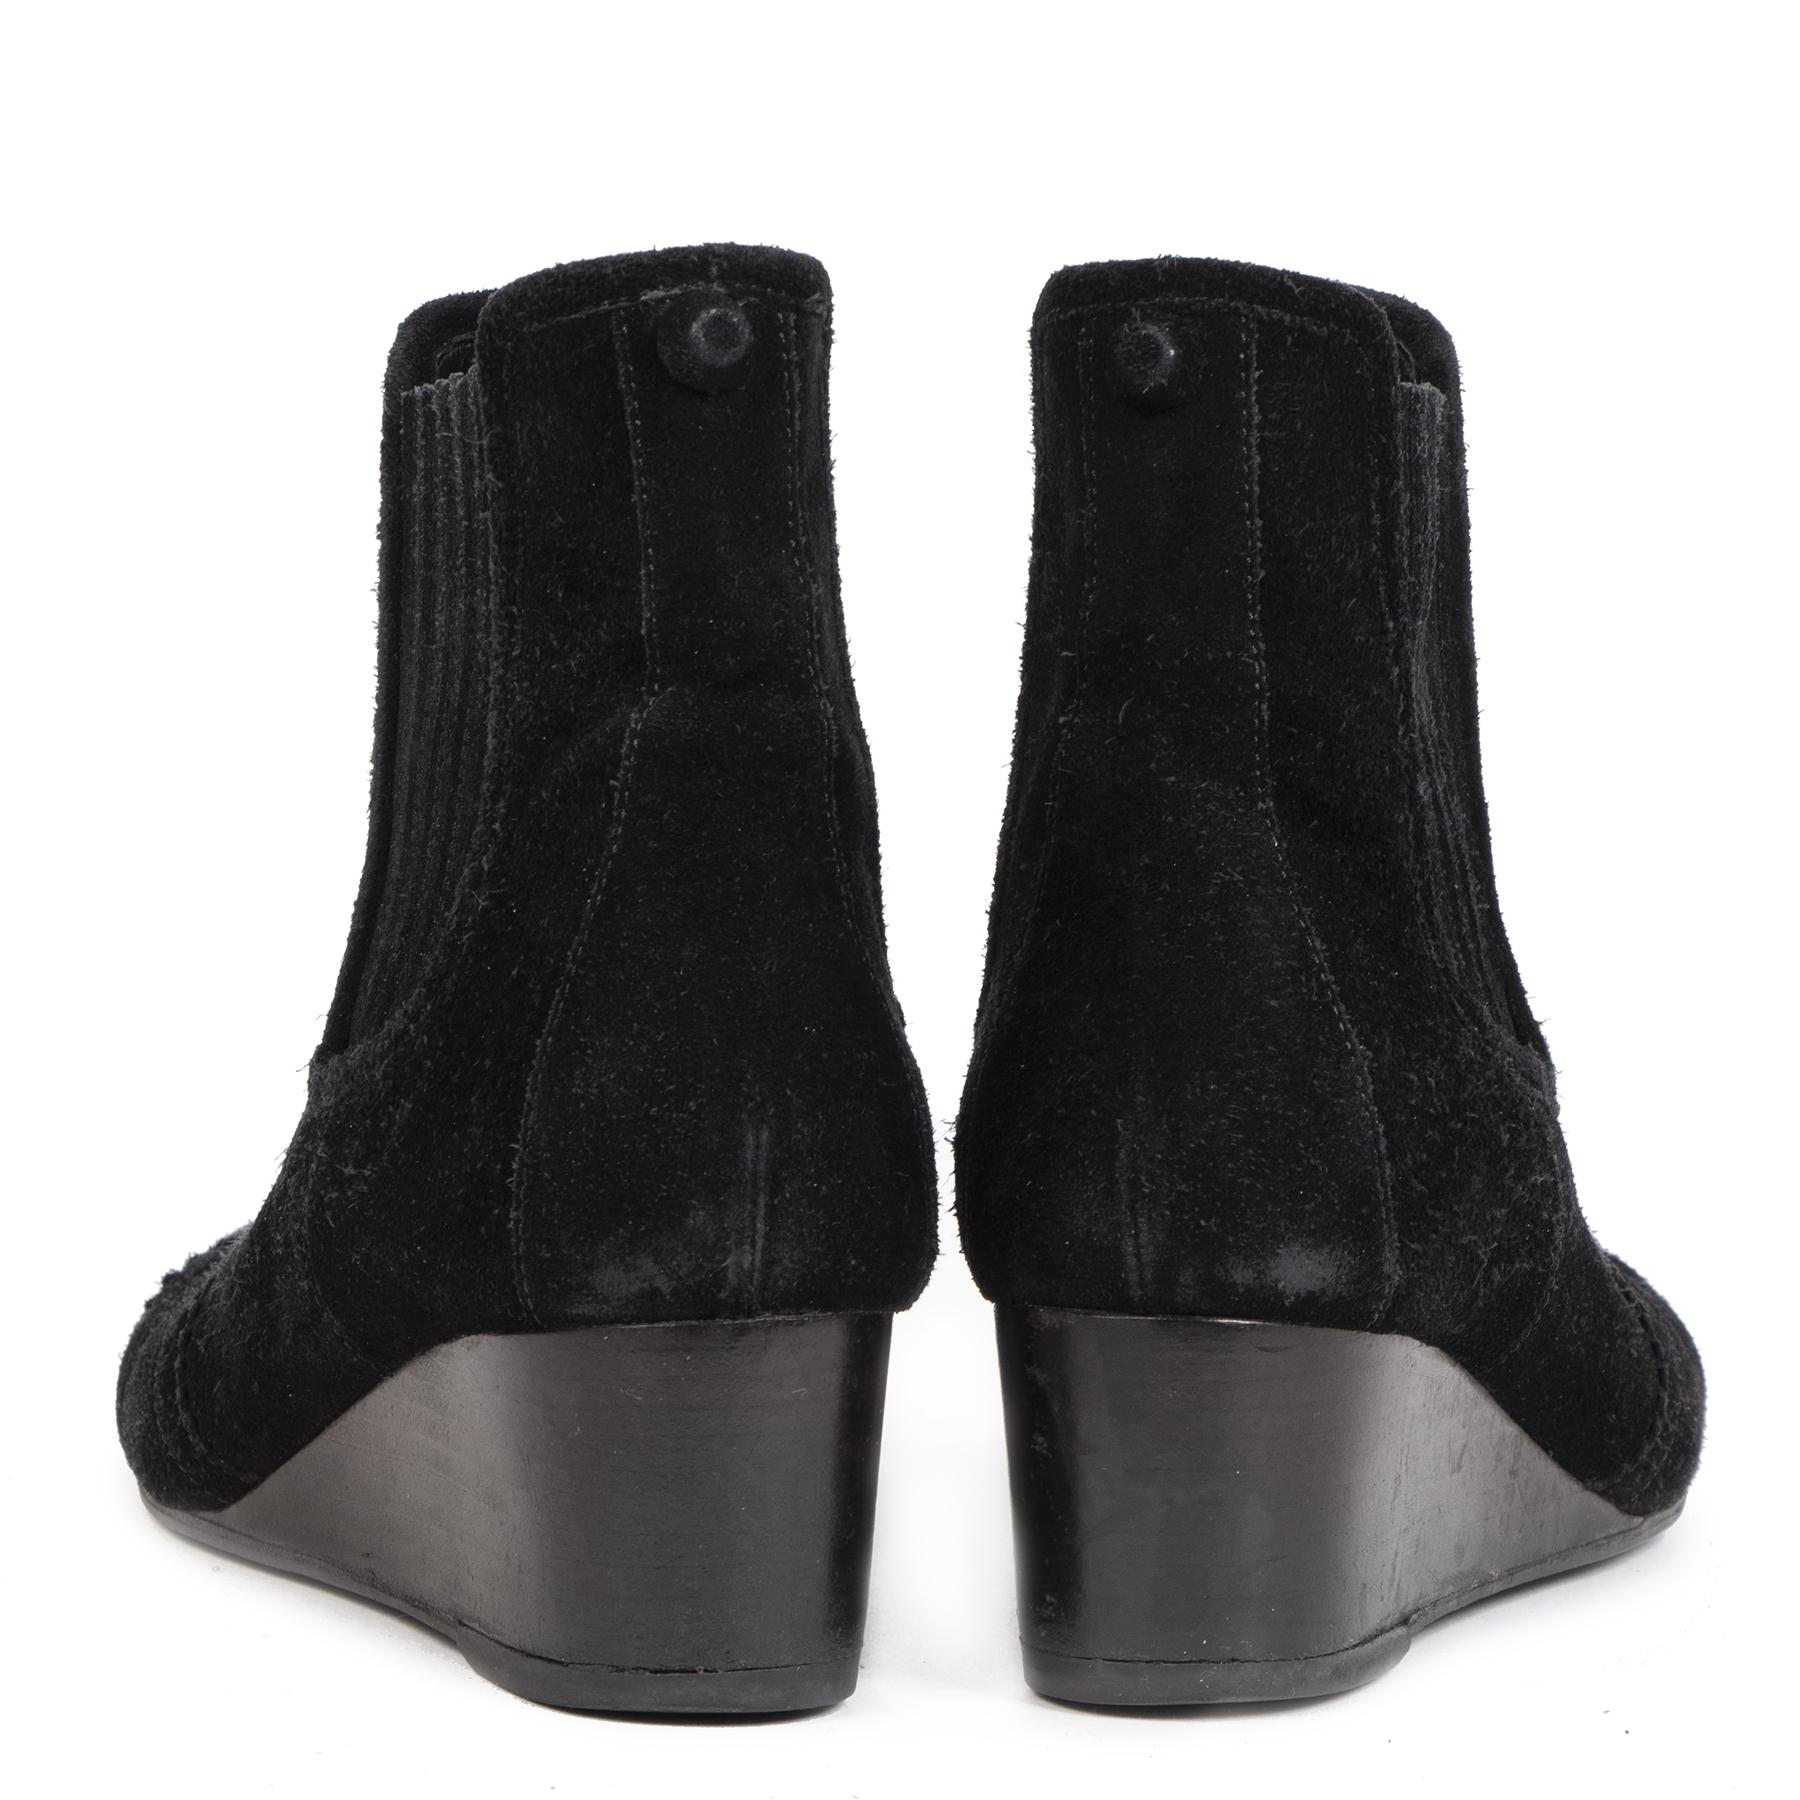 Koop tweedehands Balenciaga boots online bij LabelLOV. Winkel veilig online bij LabelLOV Antwerpen België.